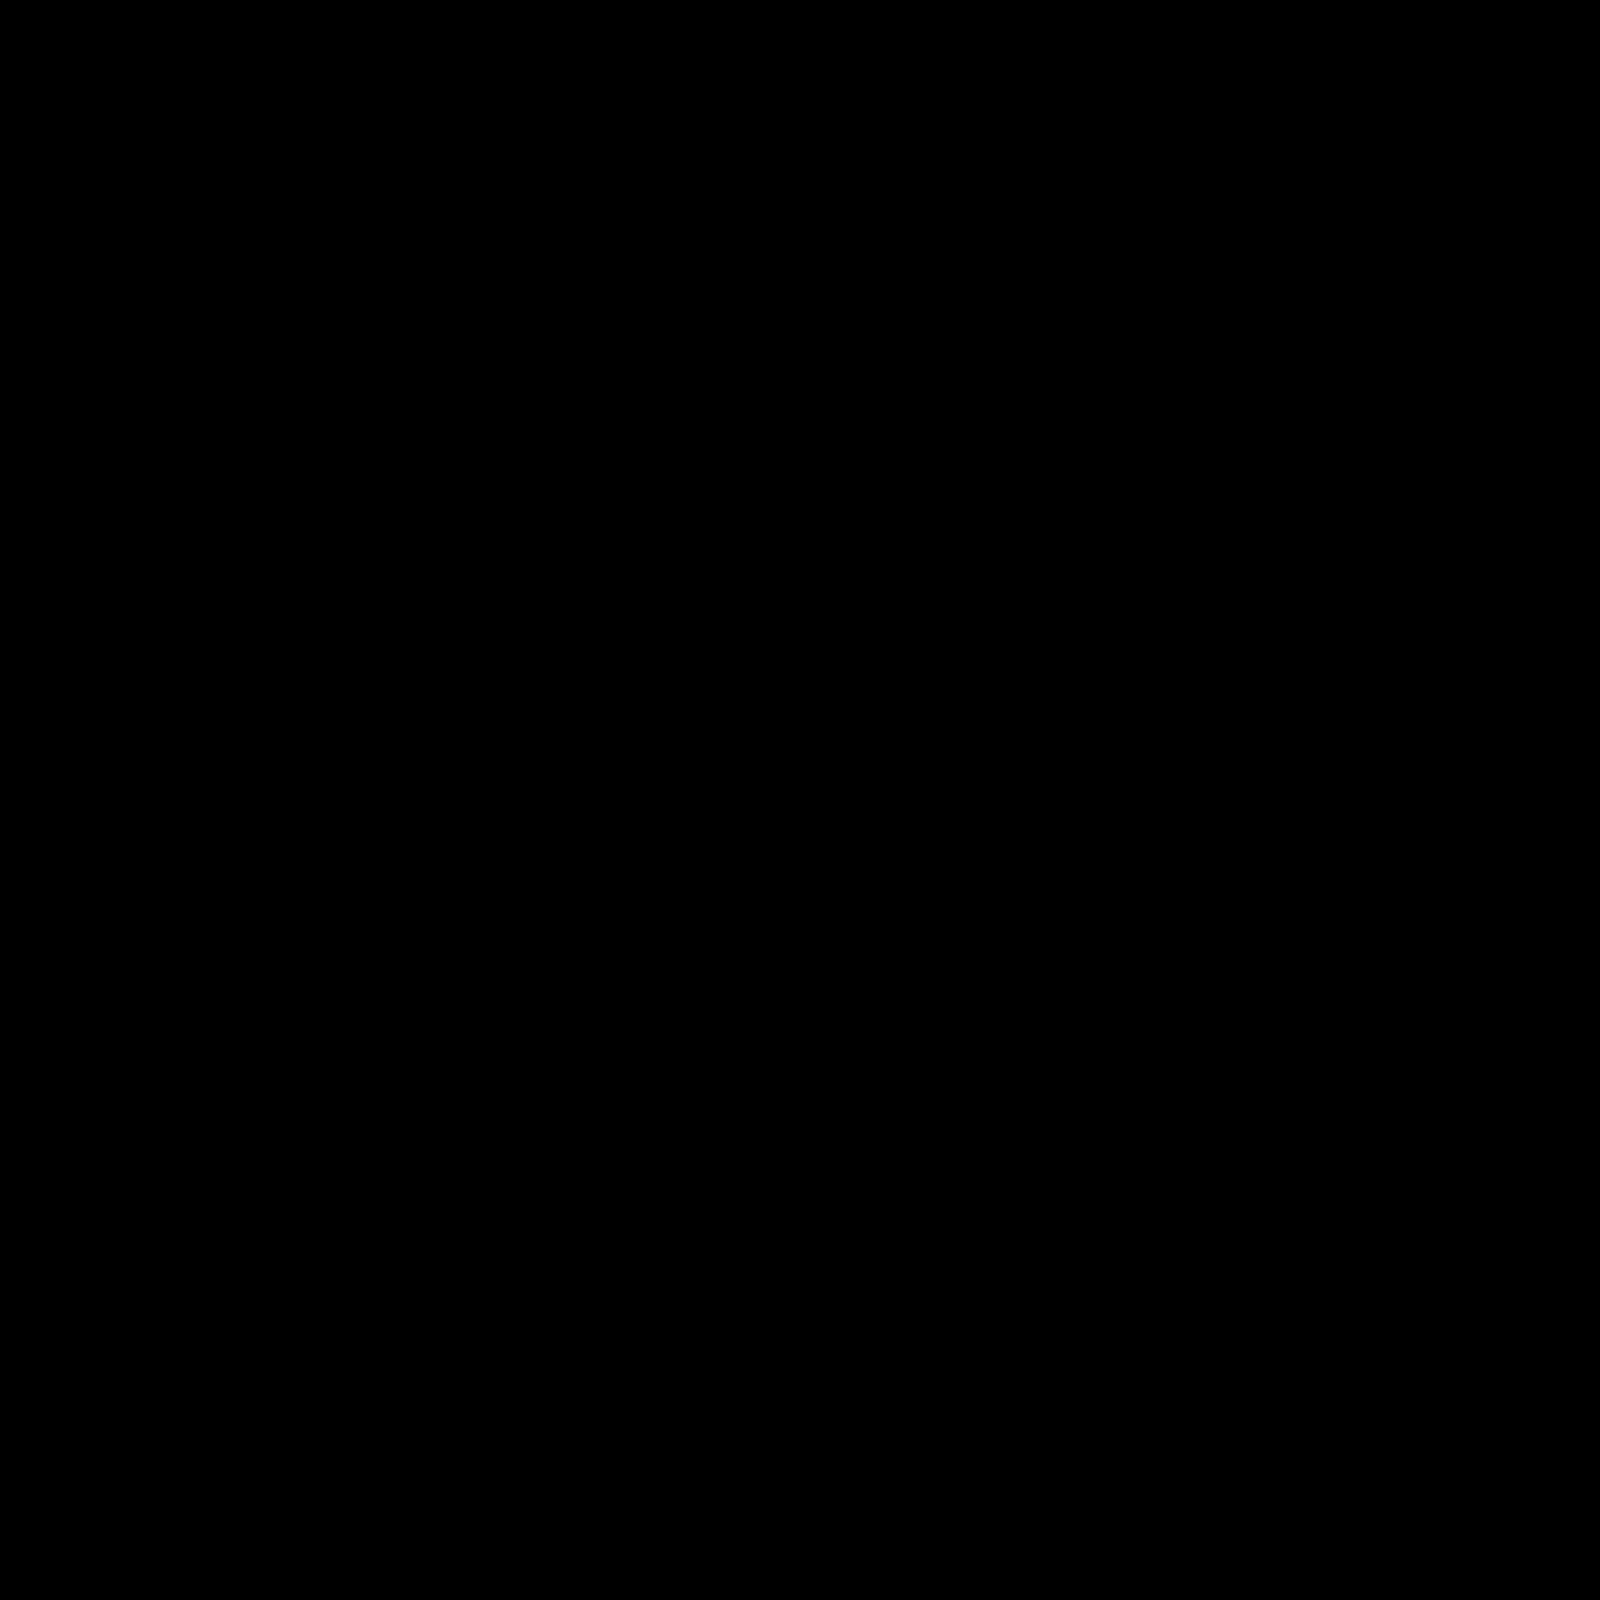 Pędzel icon